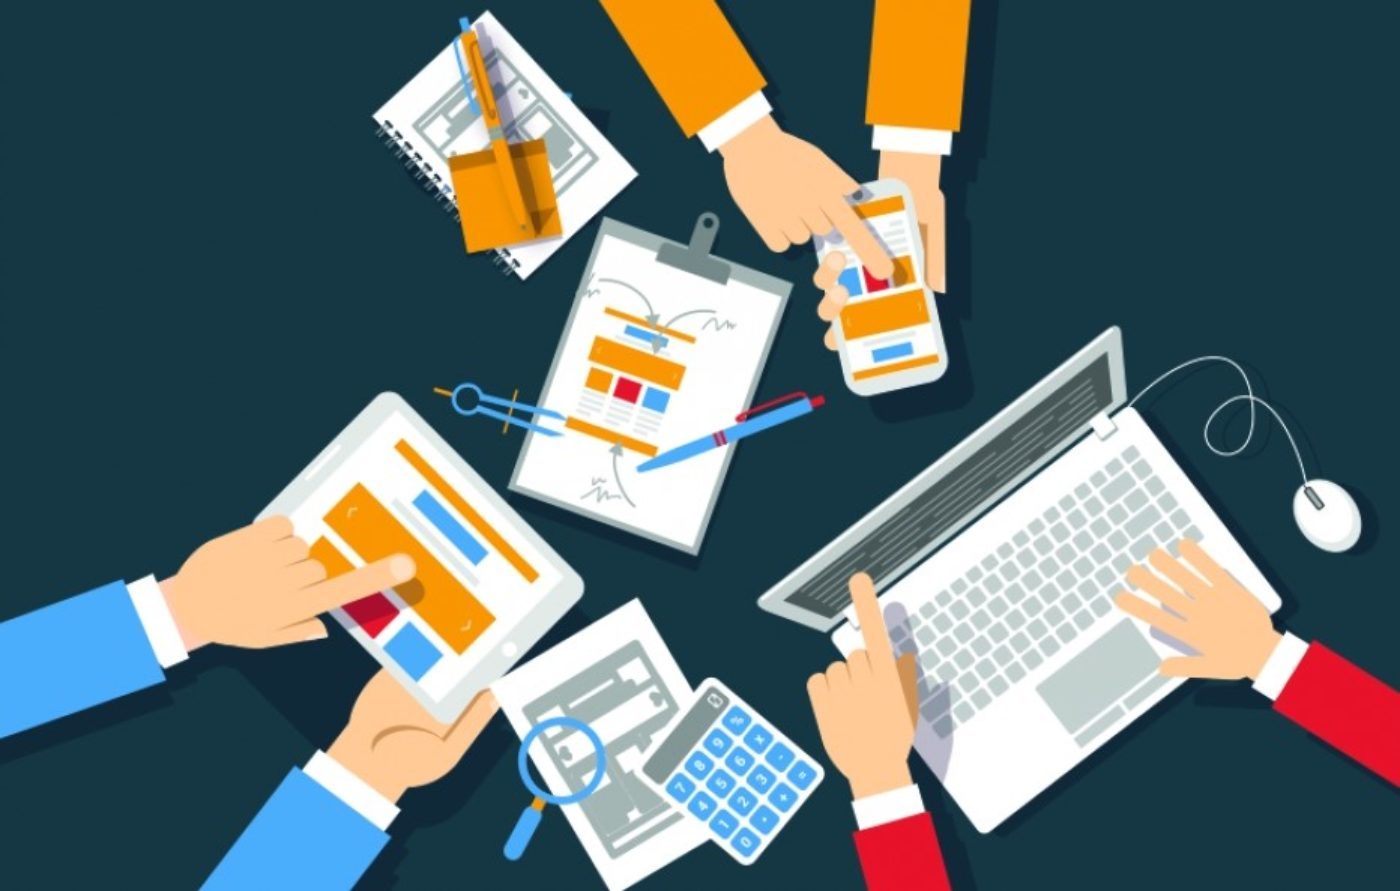 События: Мастер-класс «Project Management в IT. К чему готовит вас профессия?» в Харькове